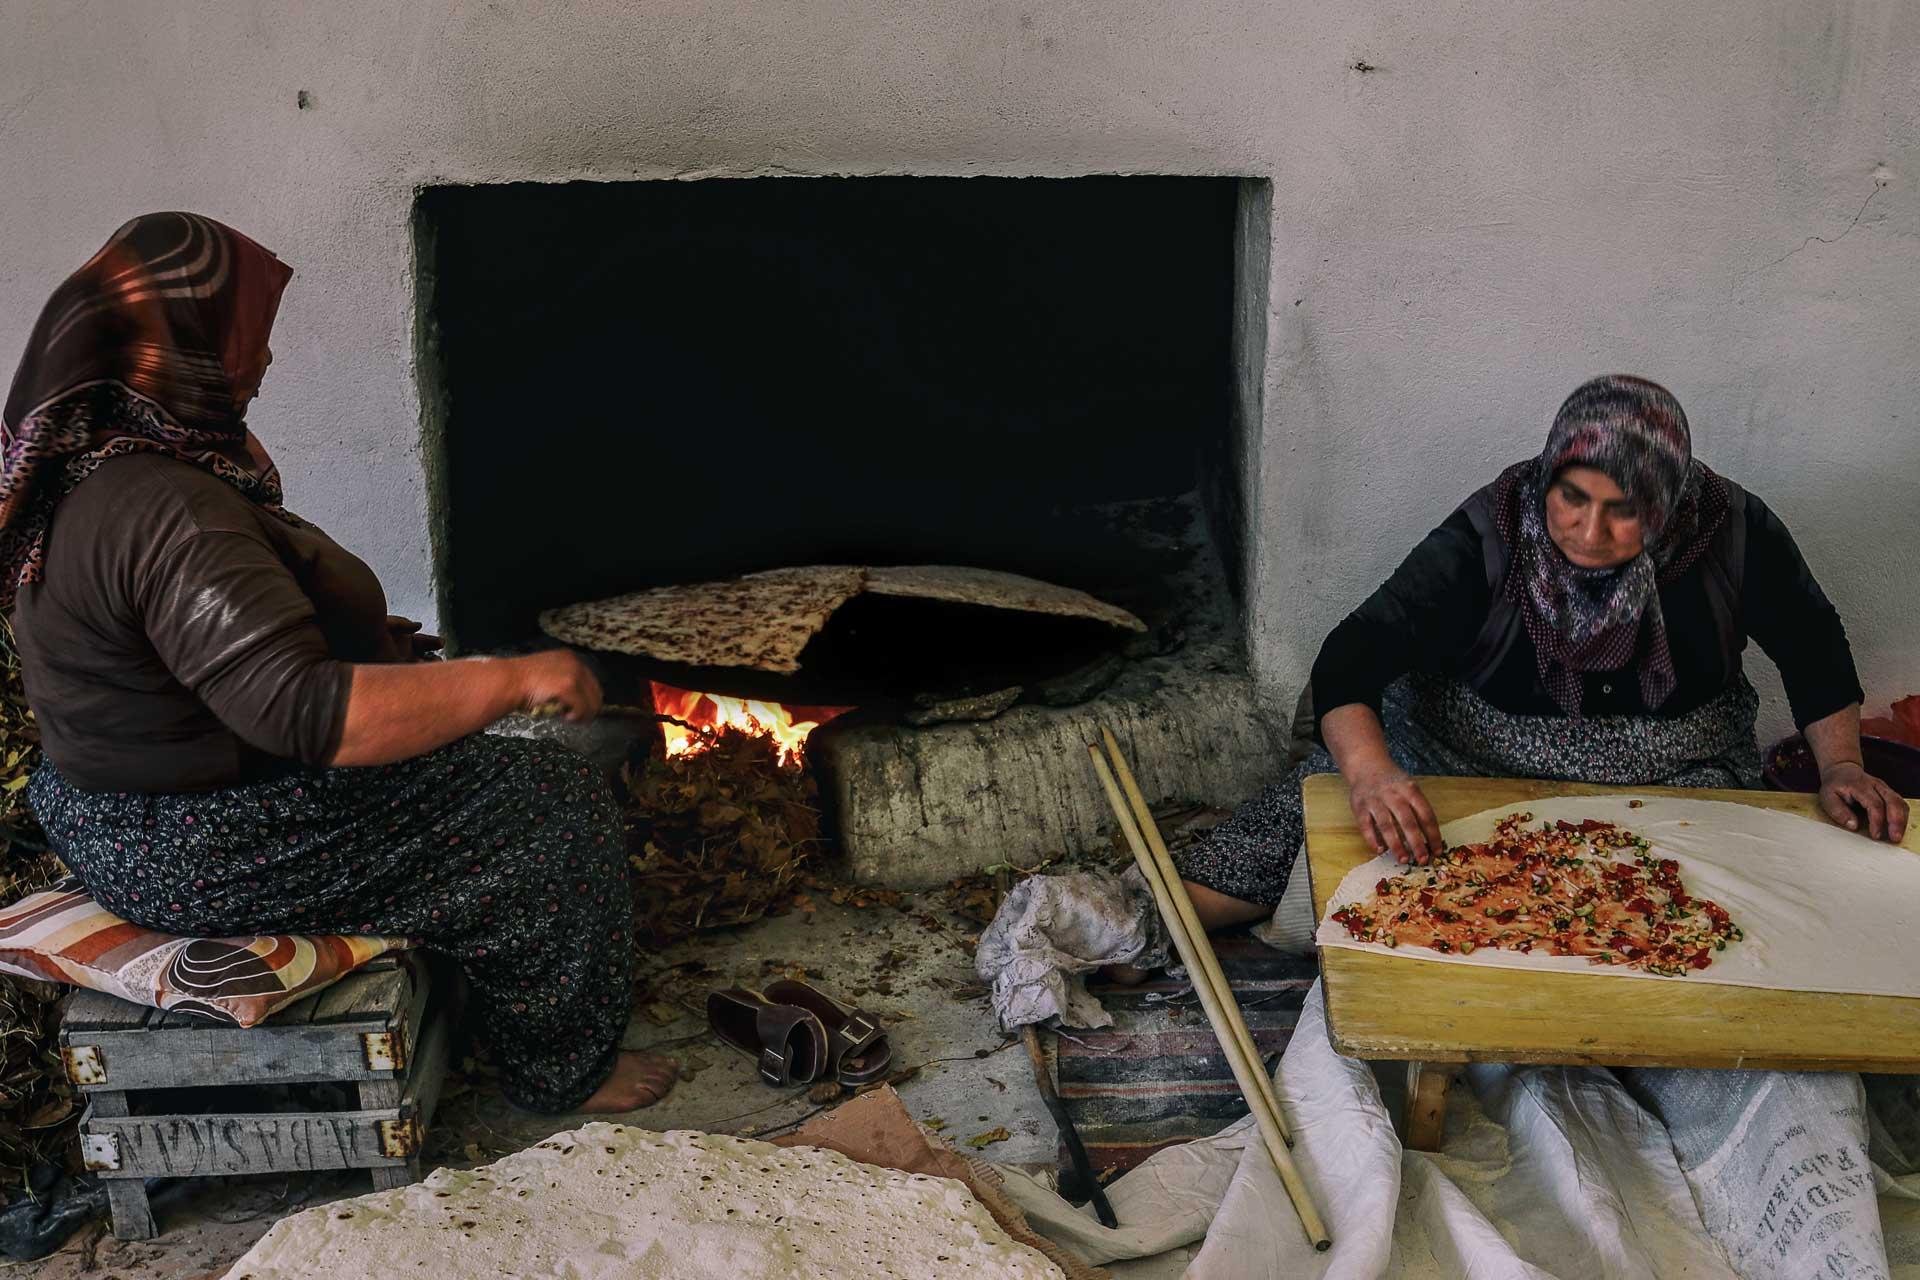 Kırşehir Kaman Fotoğrafları Tülay Börekçi Çekergezer Hakan Aydın Fotoğrafları Gezgin Fotoğrafçı www.cekergezer.com